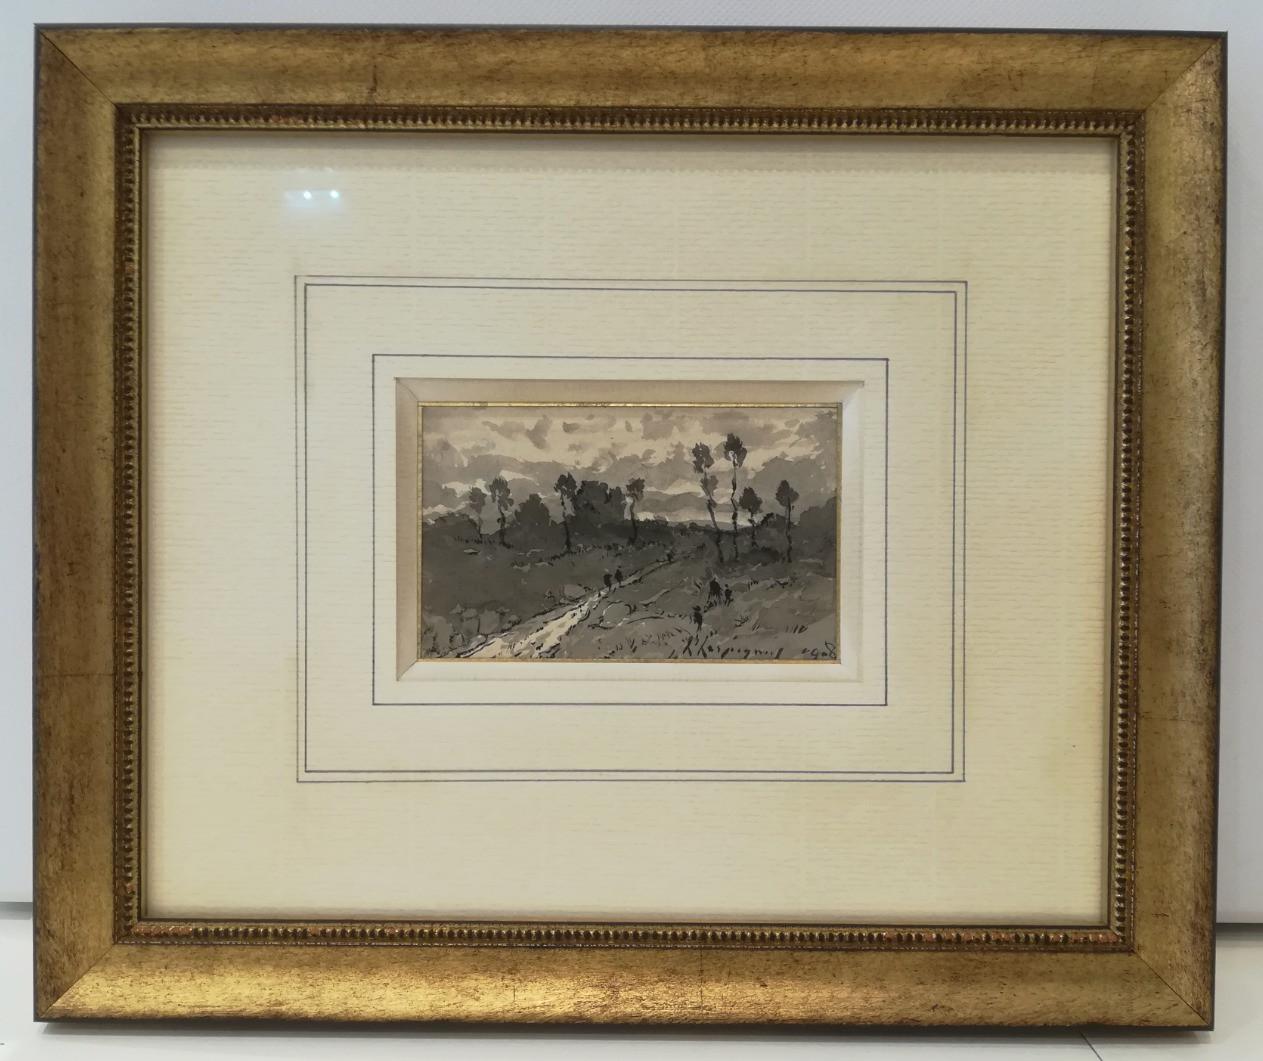 Dessin lavis d'encre de Henry Harpignies XIX eme siècle